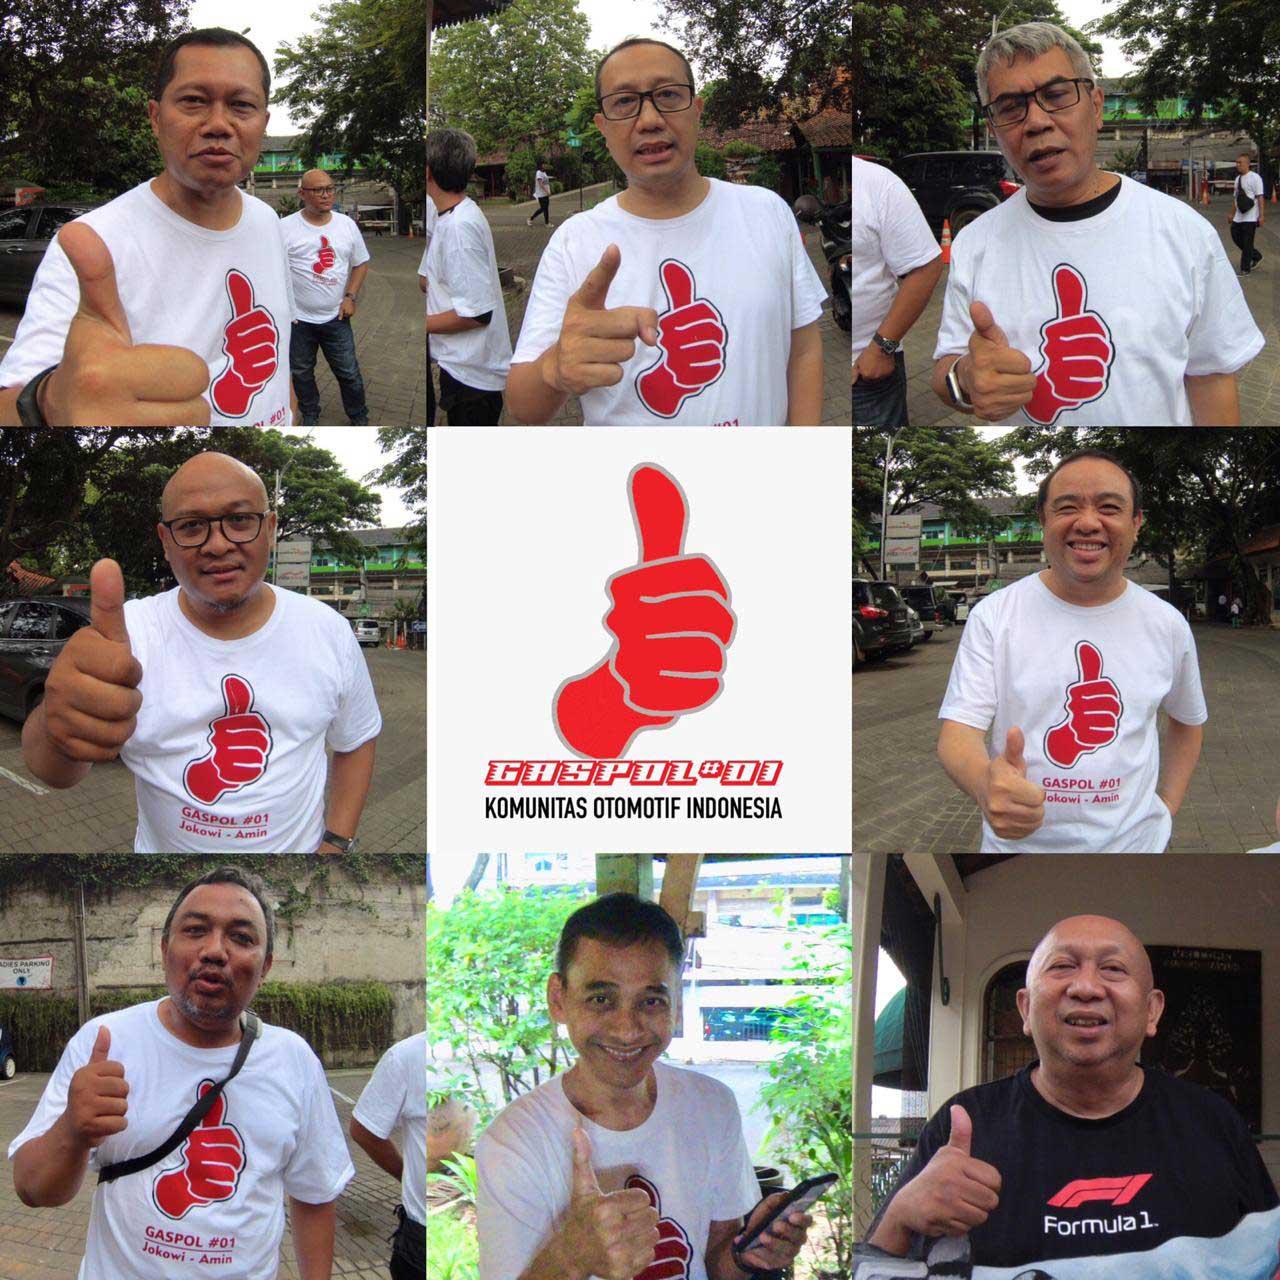 Komunitas Otomotif Indonesia Siap Putihkan GBK 13 April